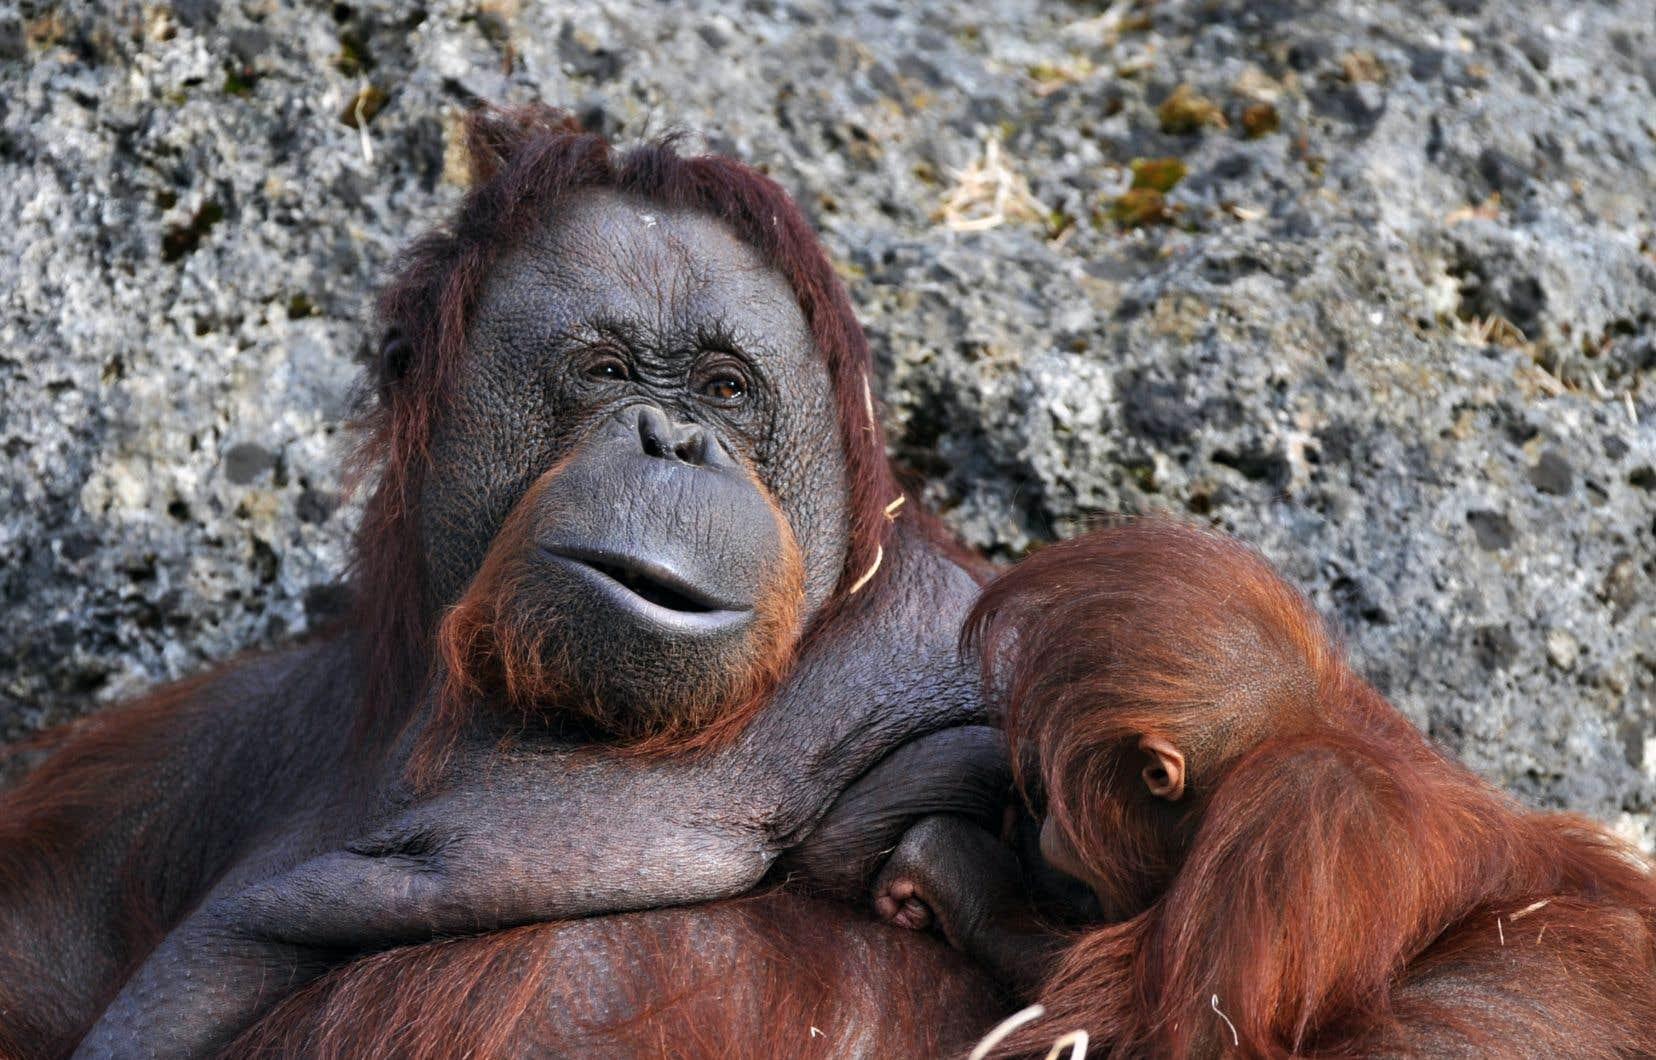 Les orangs-outans mesurent en moyenne de 1,10 à 1,40 m pour un poids de 40 à 80 kg. Ils peuvent vivre de 30 à 40 ans.